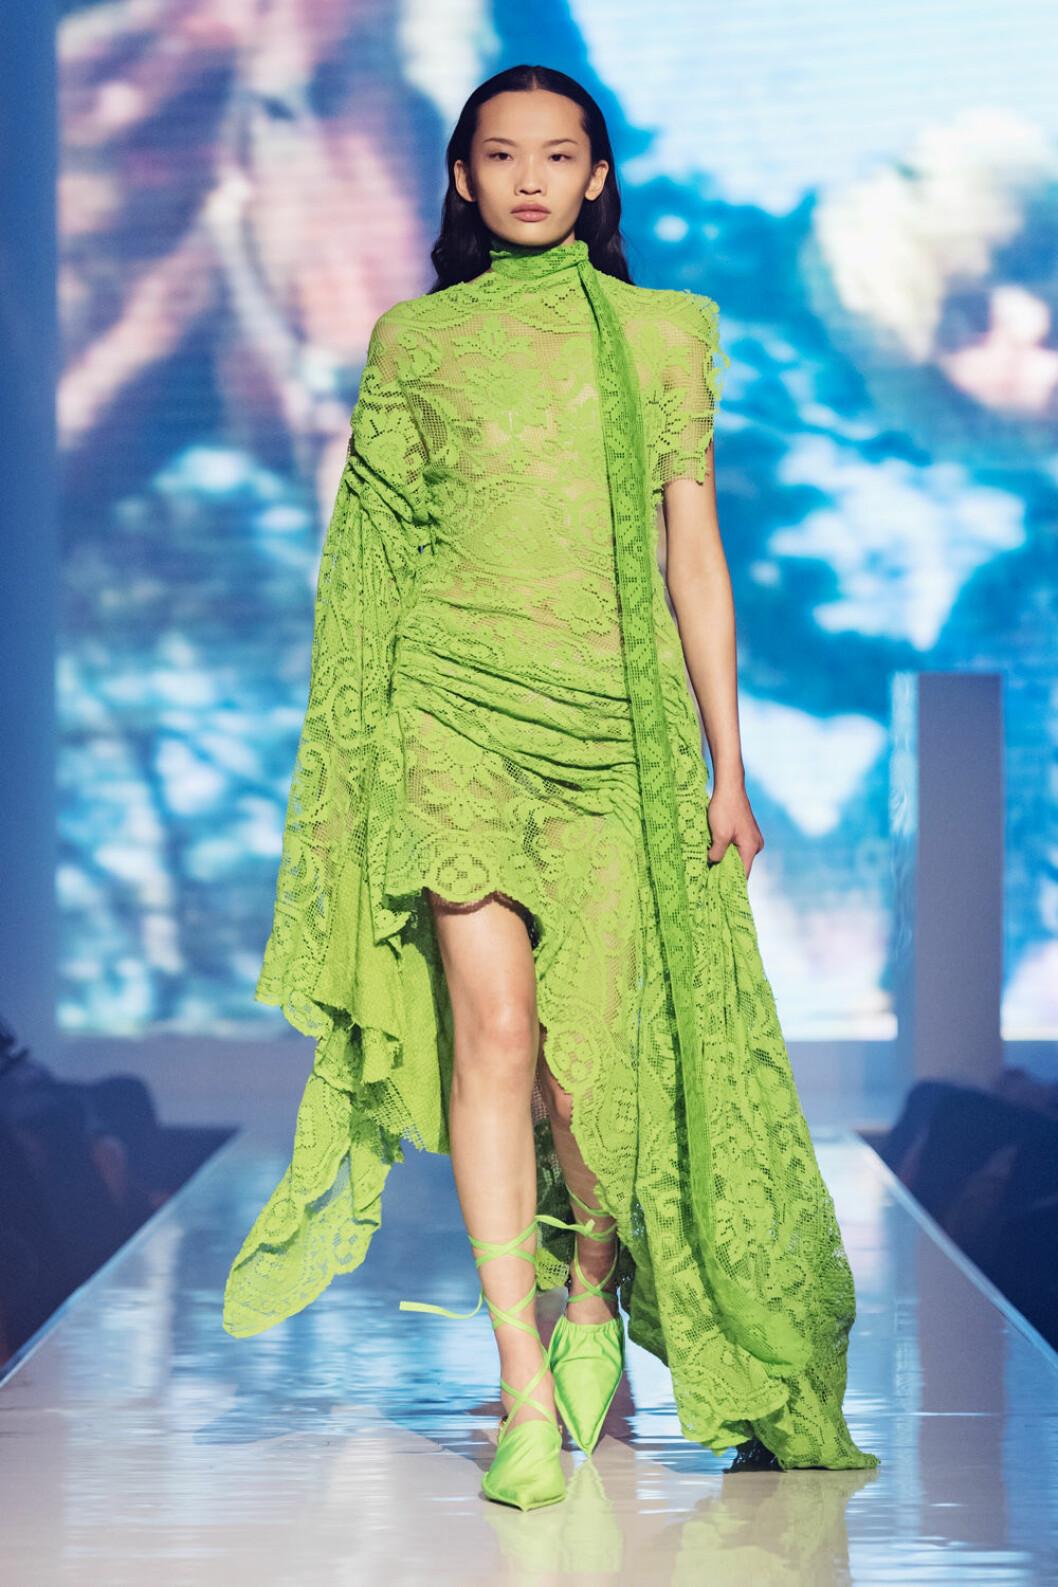 Rave Reviews visning på ELLE-galan 2019, grön spetsklänning.